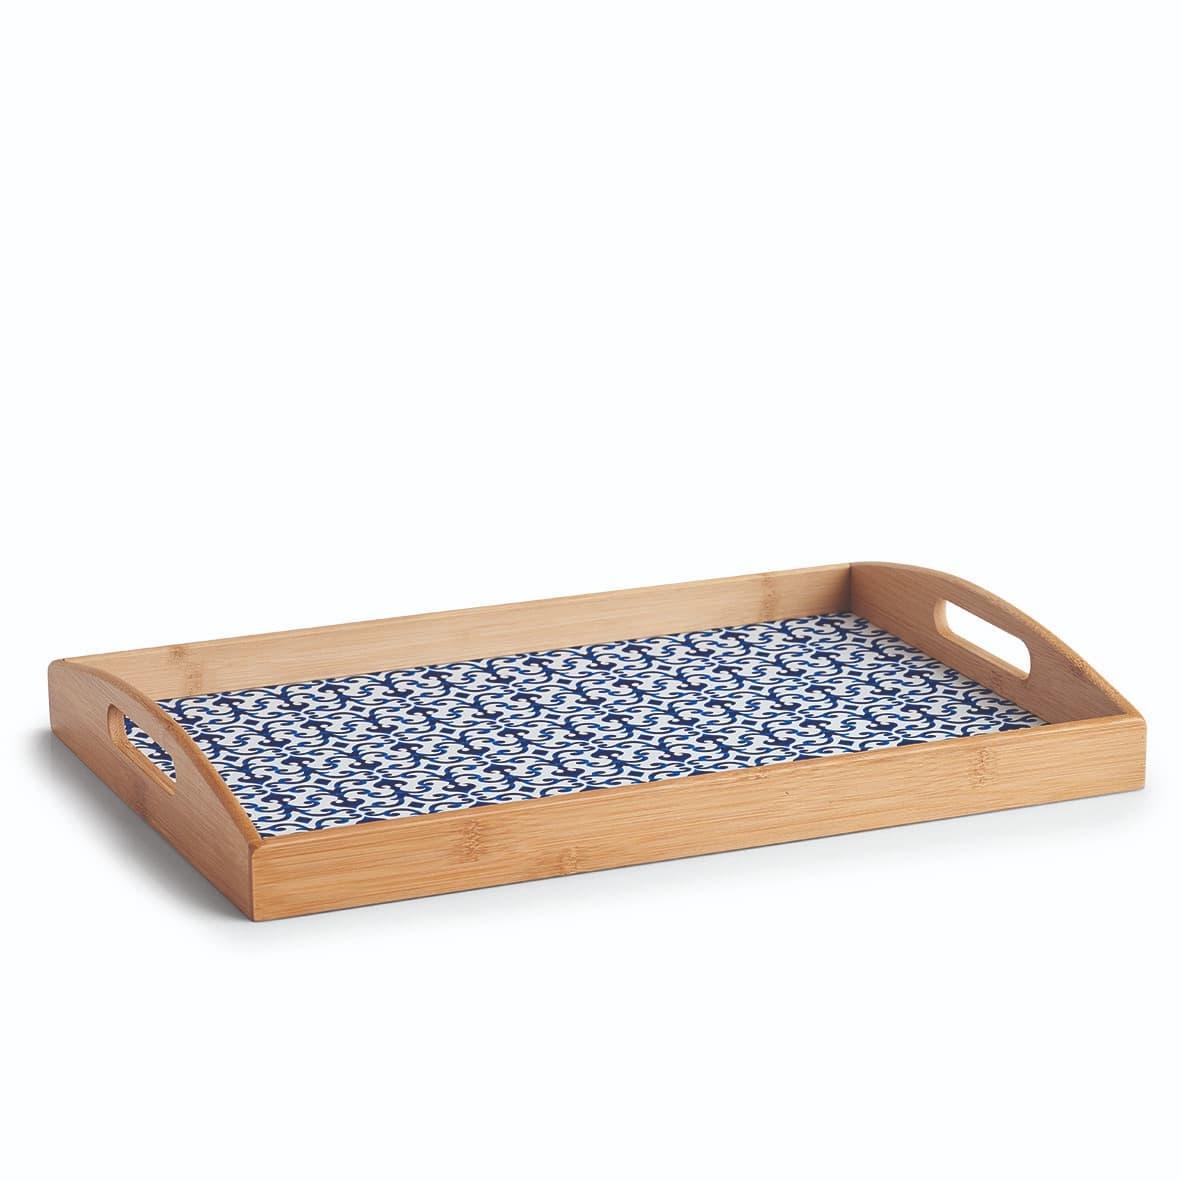 Tava pentru servire, din bambus, Bamboo Albastru / Natural, L44xl30xH5,5 cm poza